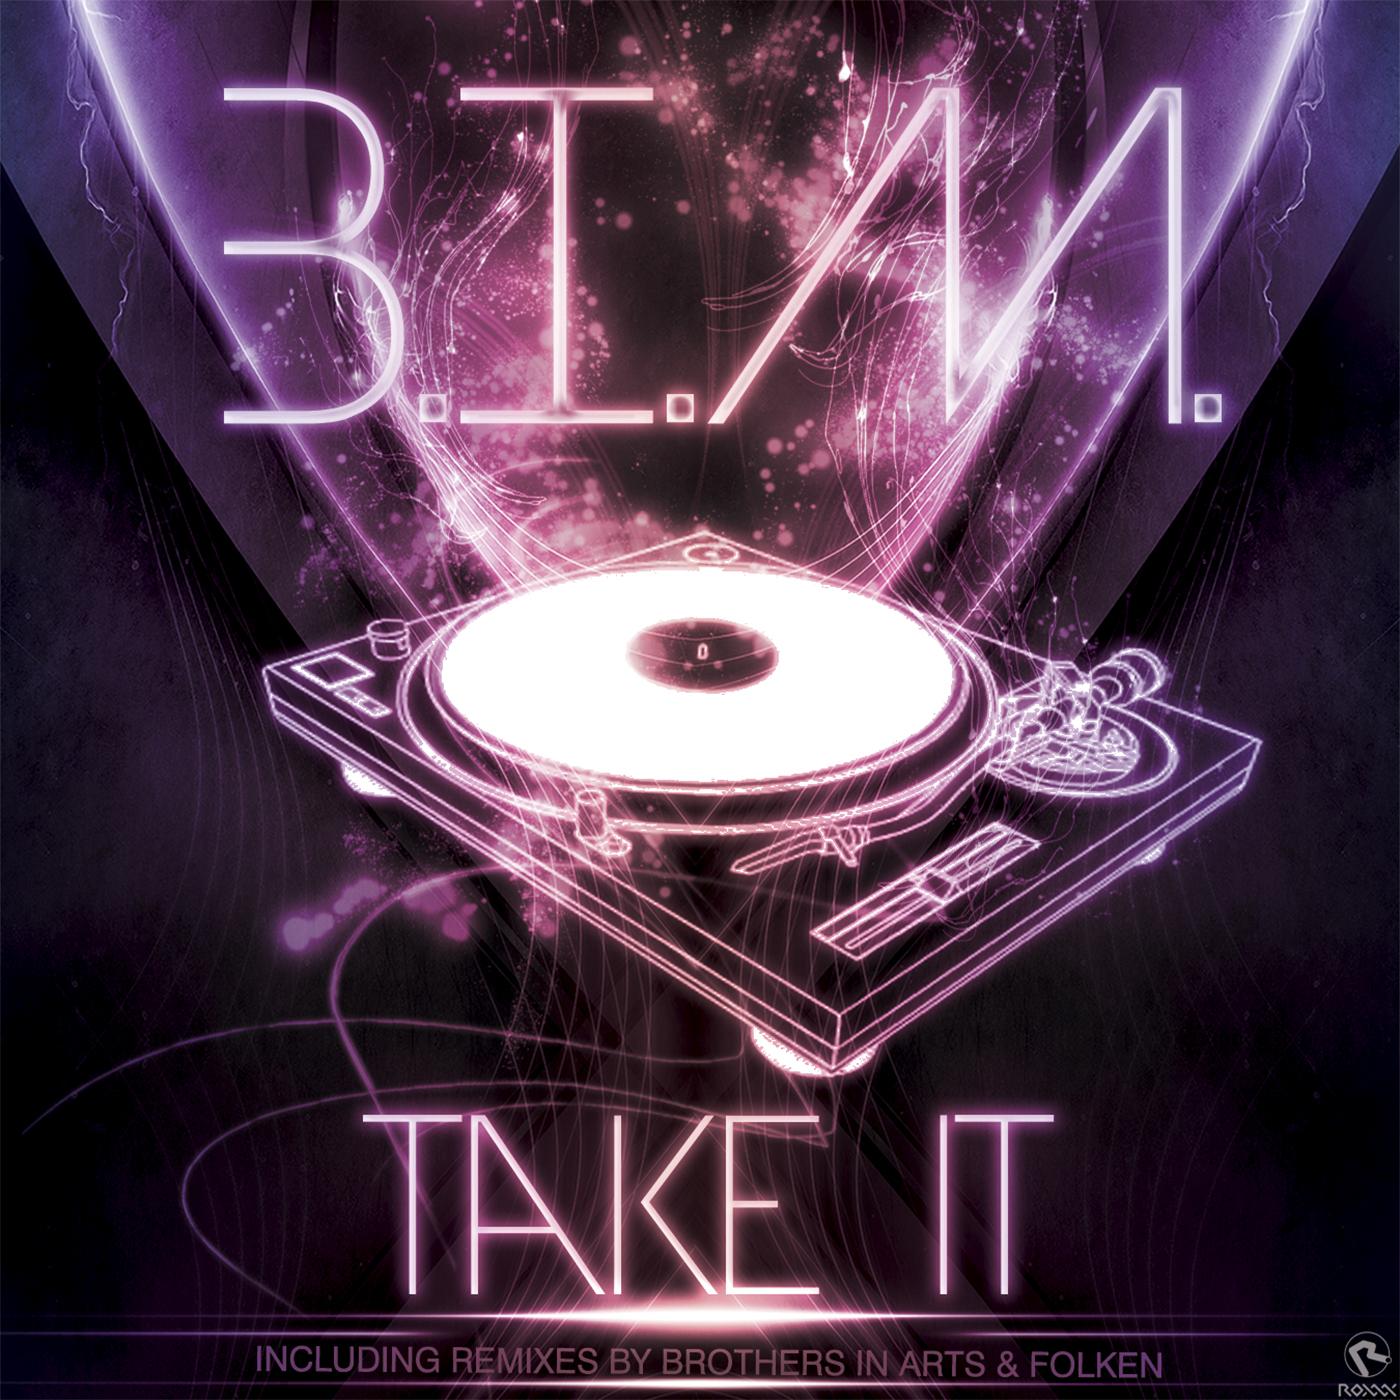 Take It - B.I.M.